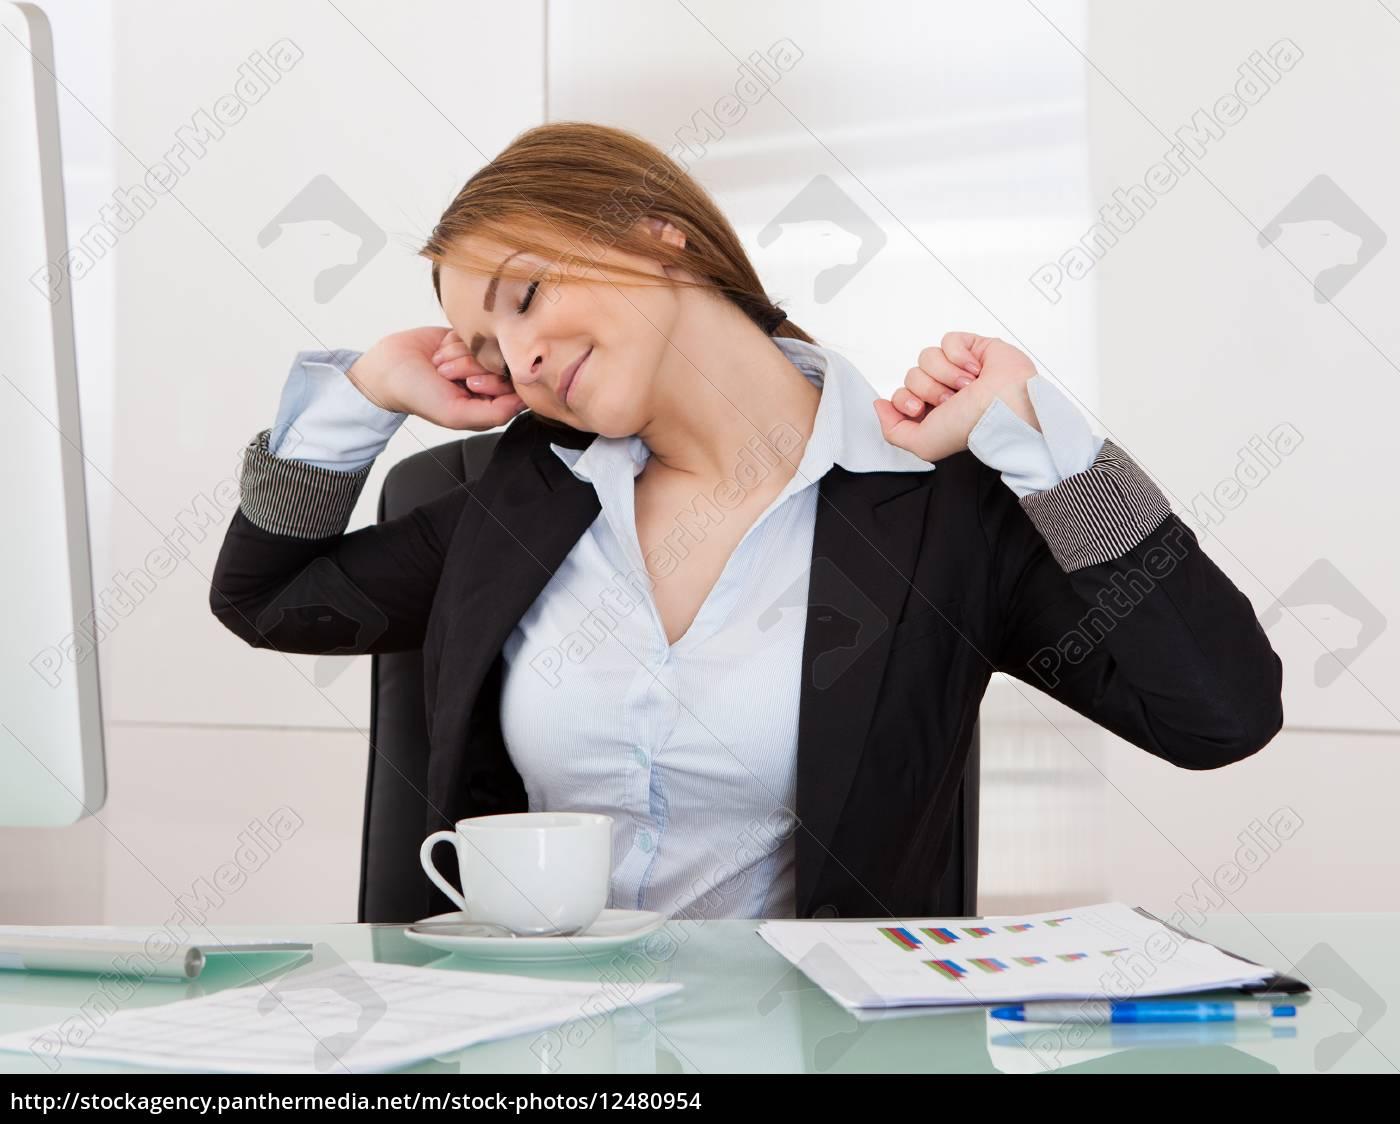 geschäftsfrau, im, büro, dehnen - 12480954